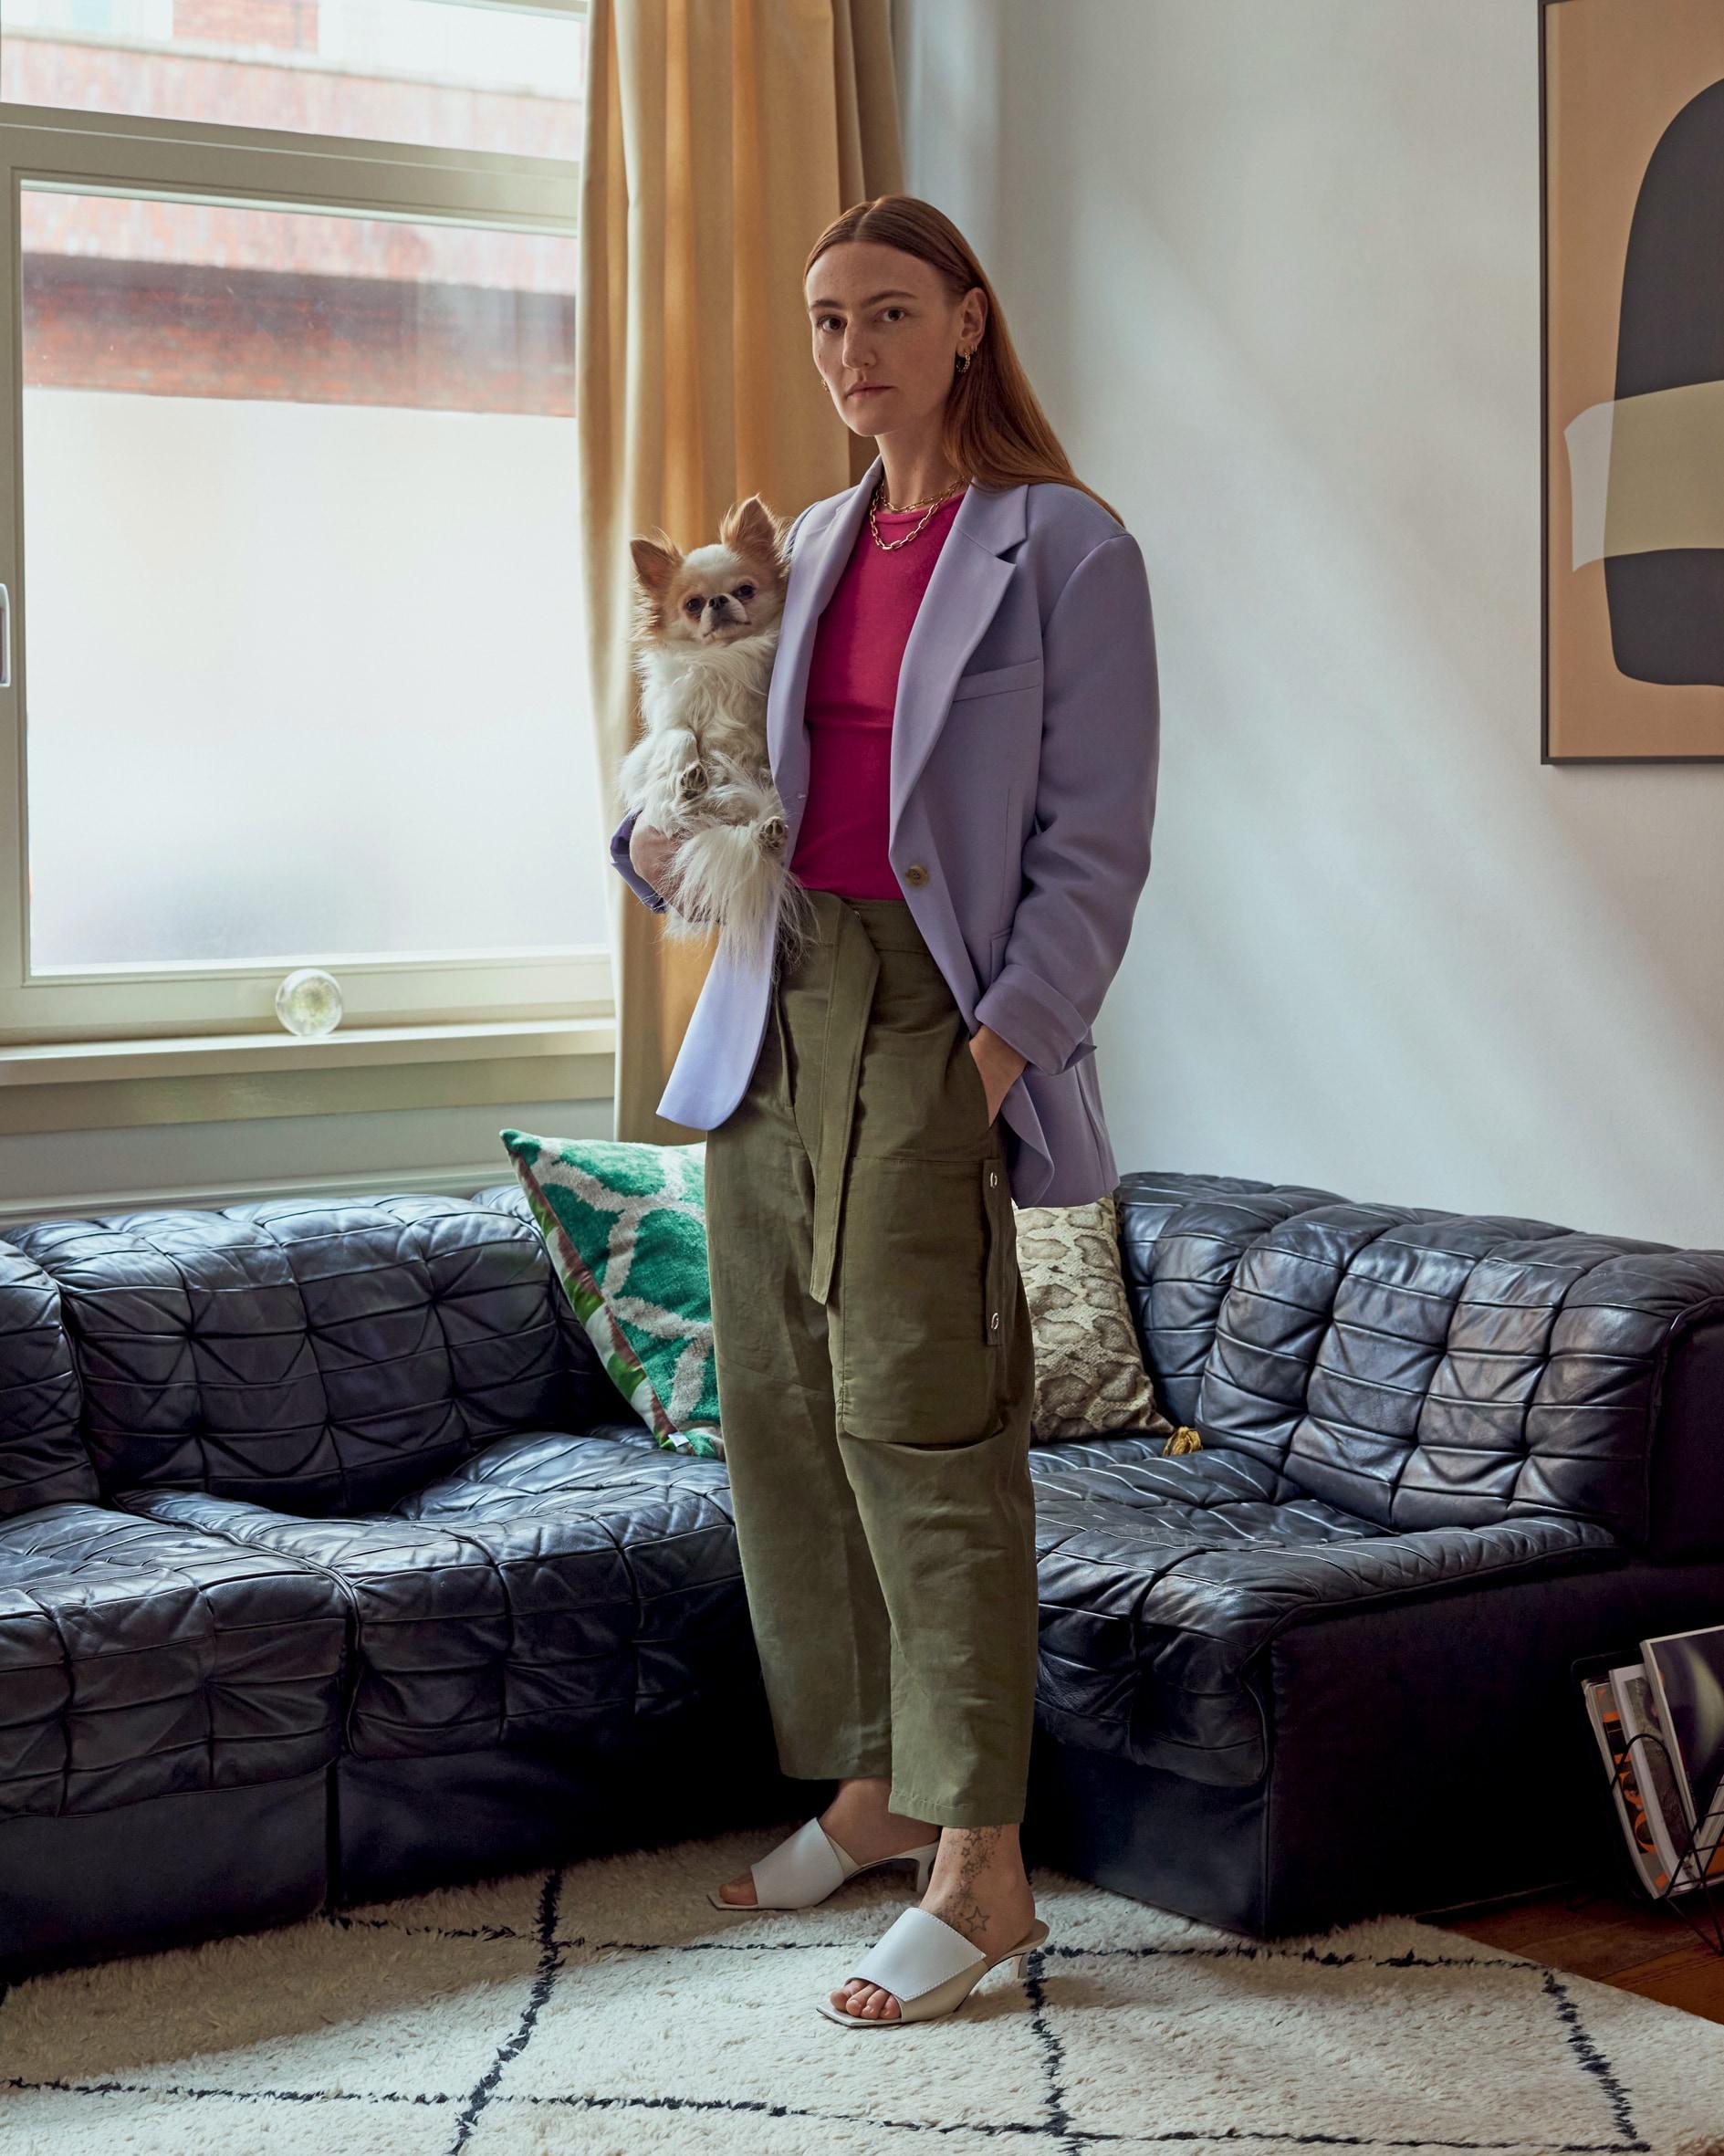 La stilista Elza Wandler con il suo chihuahua Billy.